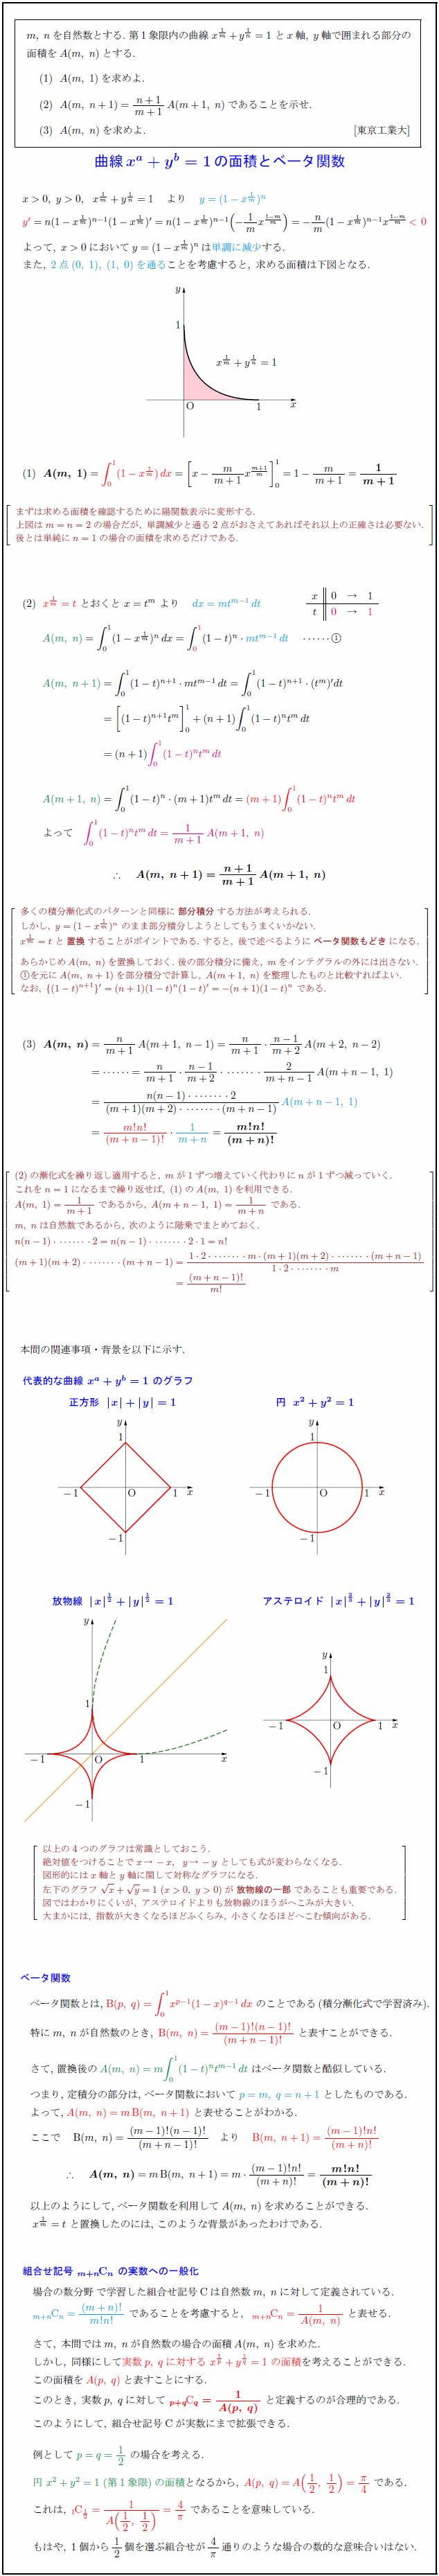 sum-beta-function